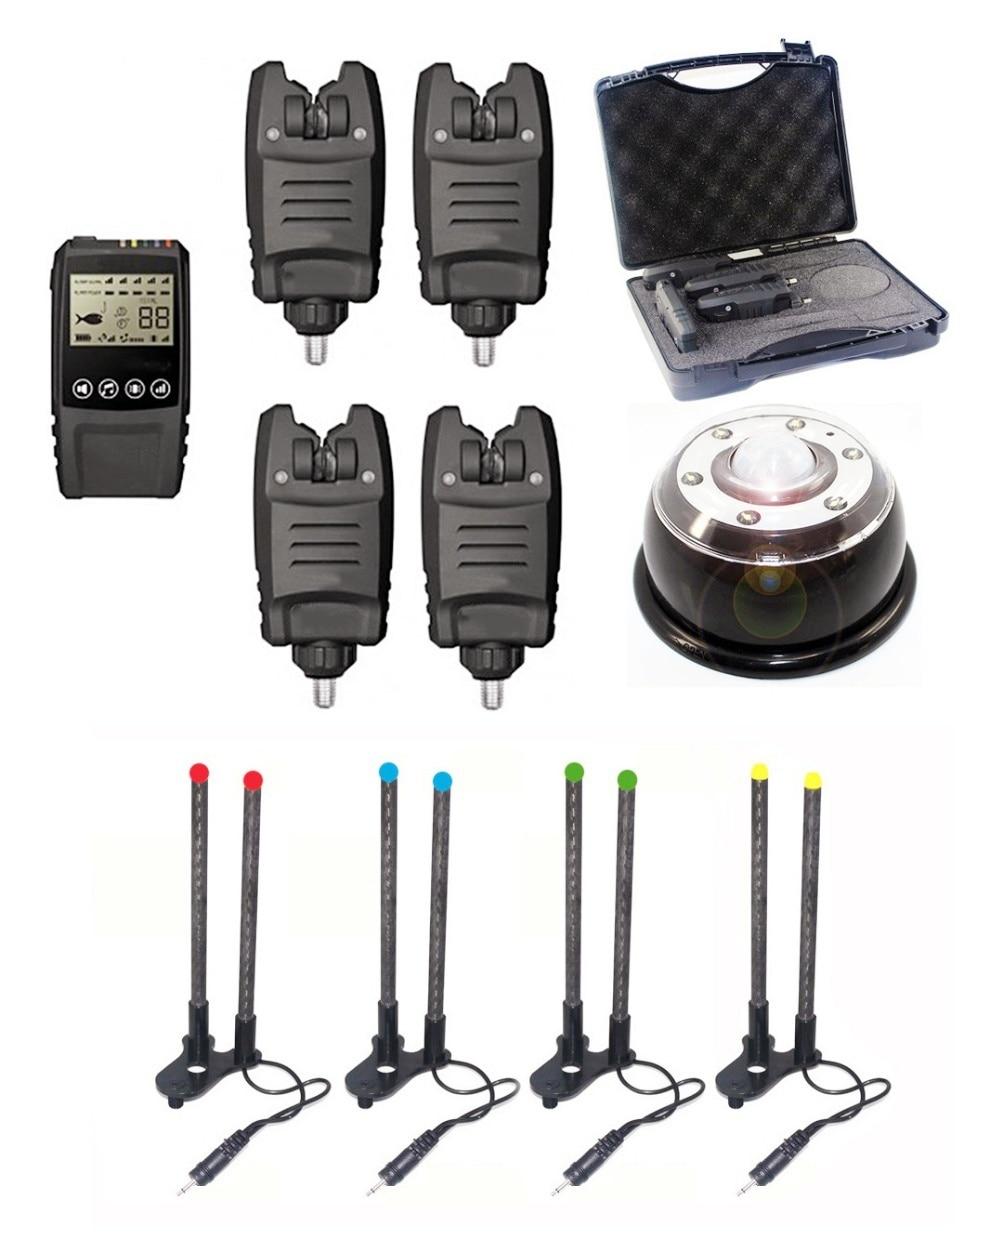 VECCHIO CARPA 1 + 4 Galaxy BL Multi-LED Canna Da Pesca Morso Allarme Senza Fili con Intoppo orecchie e Tenda luce per la pesca alla carpa